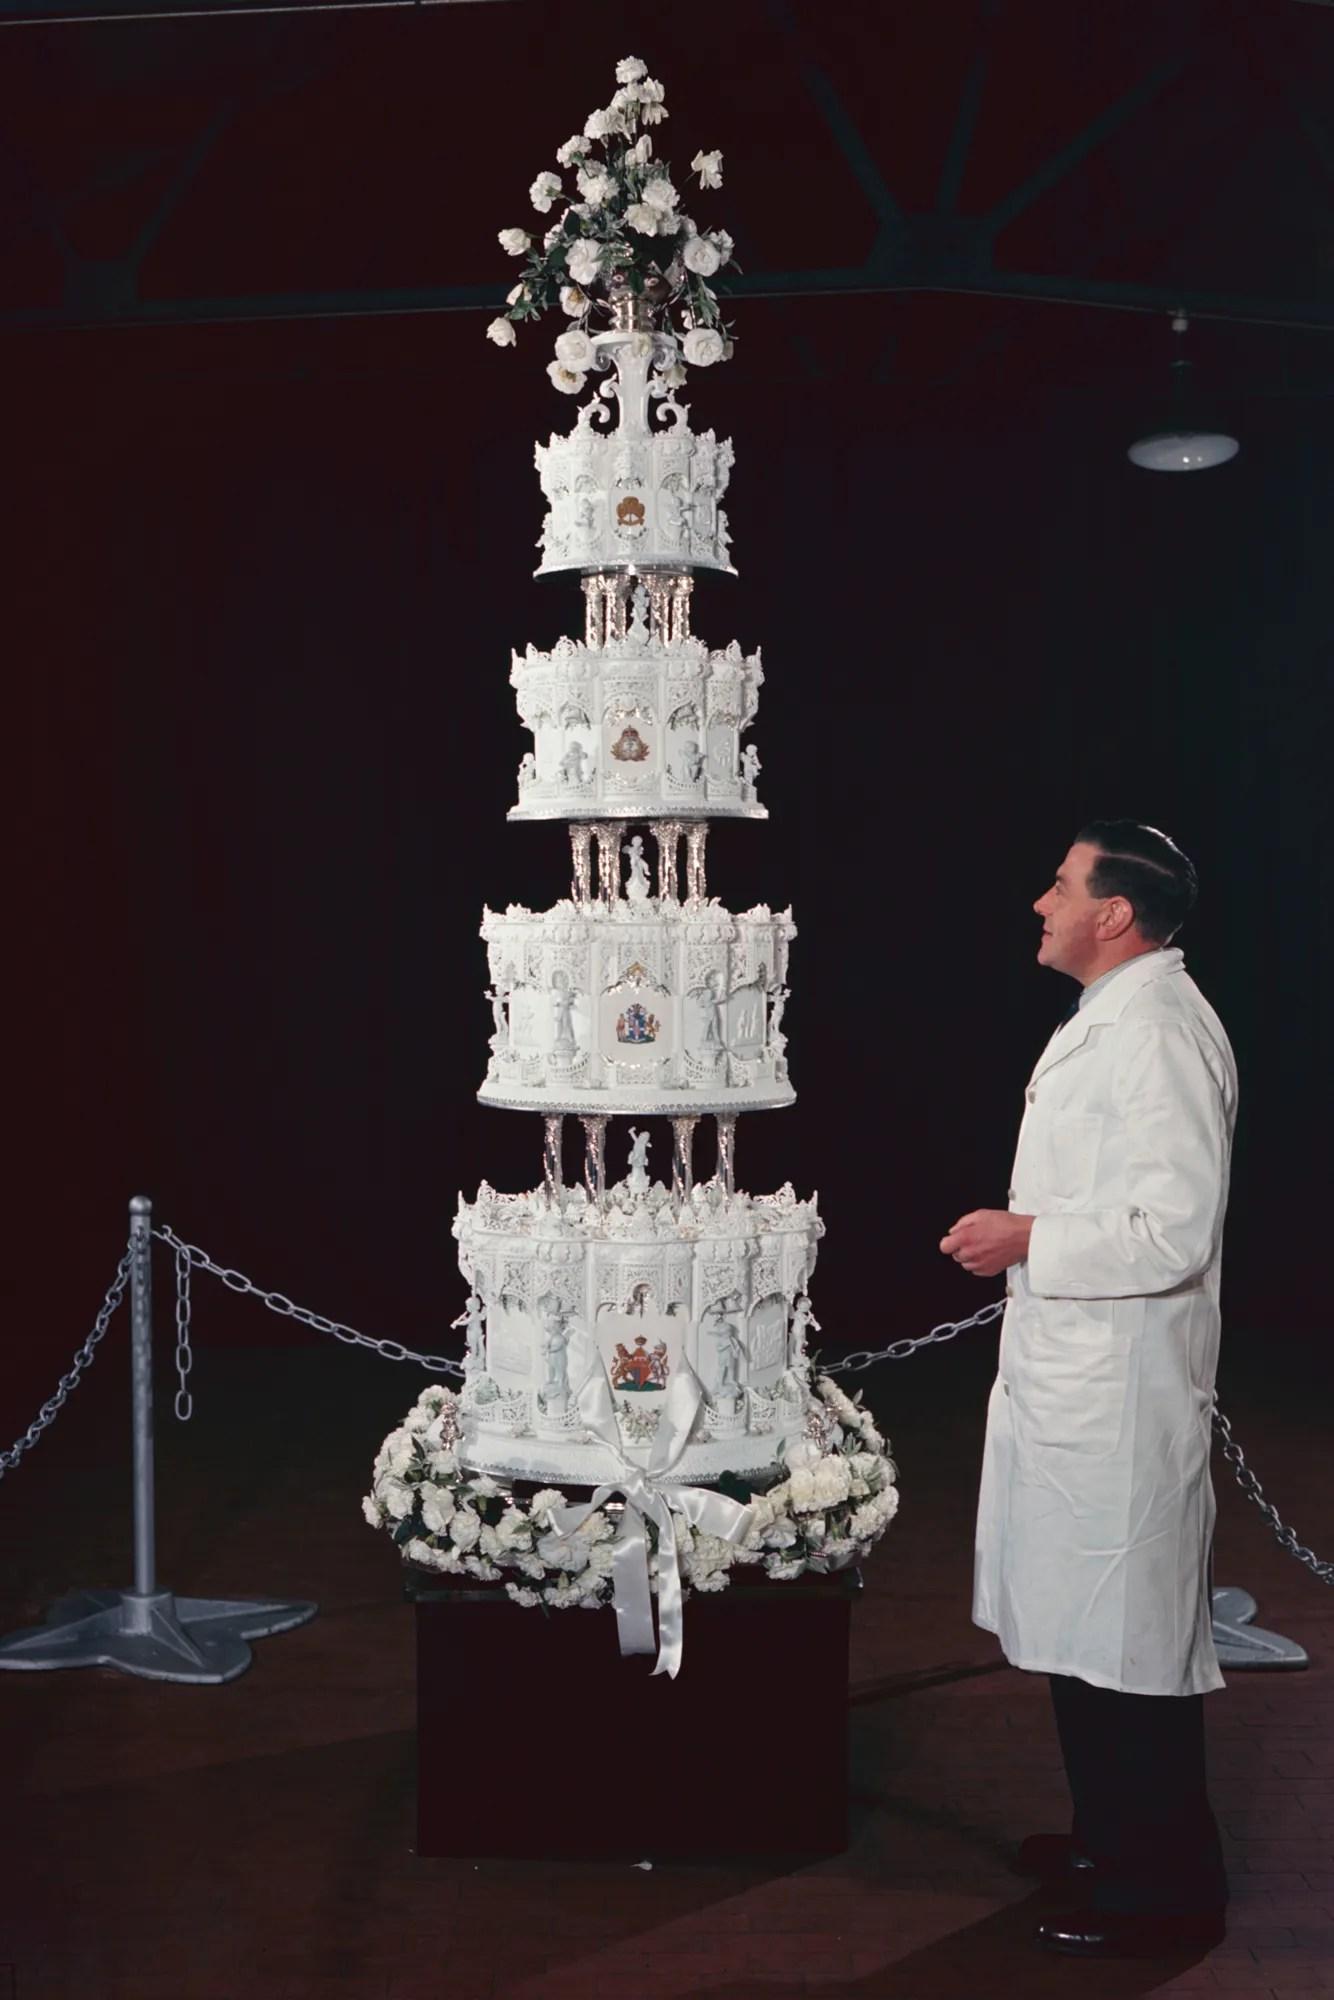 Cake English Cake Christmas Wedding Fruit